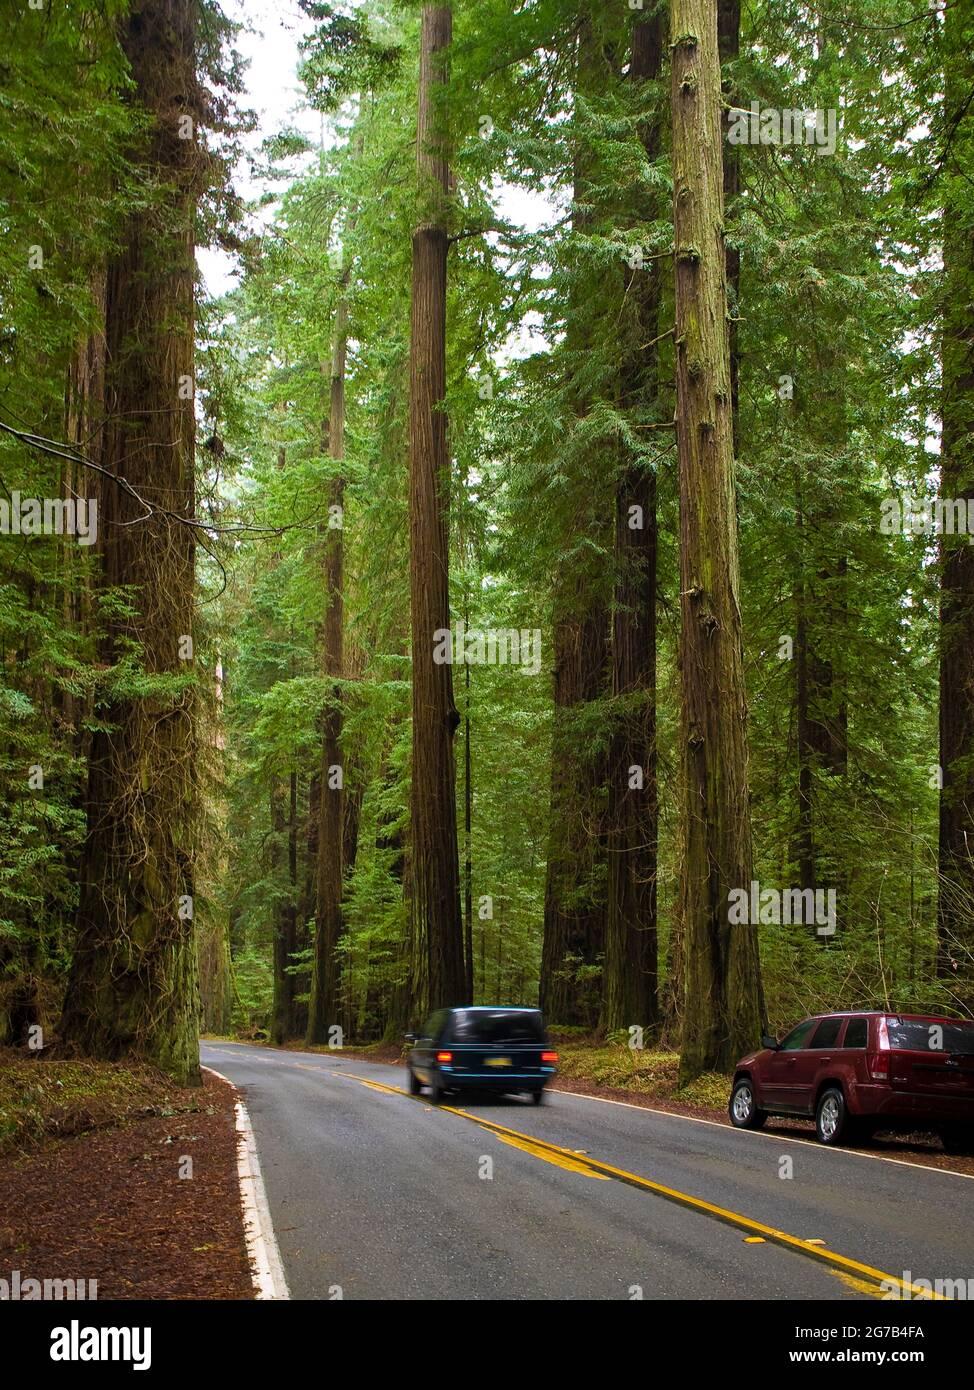 Avenue des géants, parc régional Humboldt Redwoods, Californie, États-Unis Banque D'Images